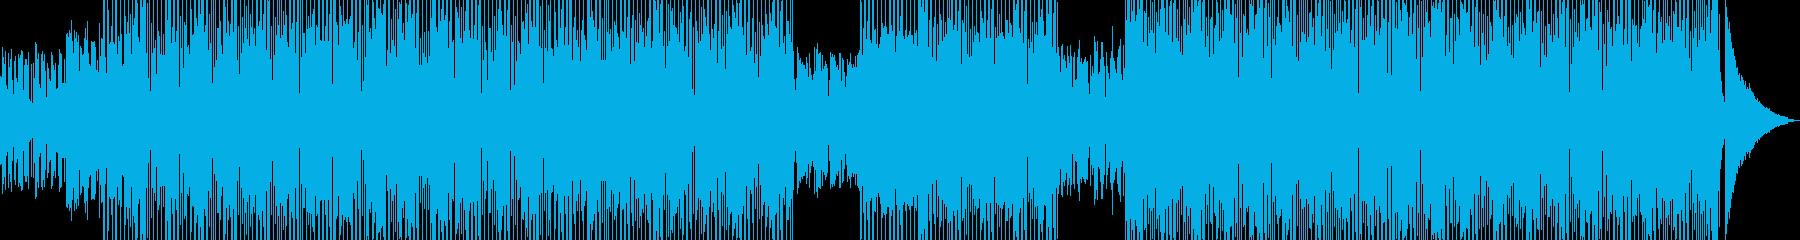 ログカフェをイメージしたテクノ A★の再生済みの波形